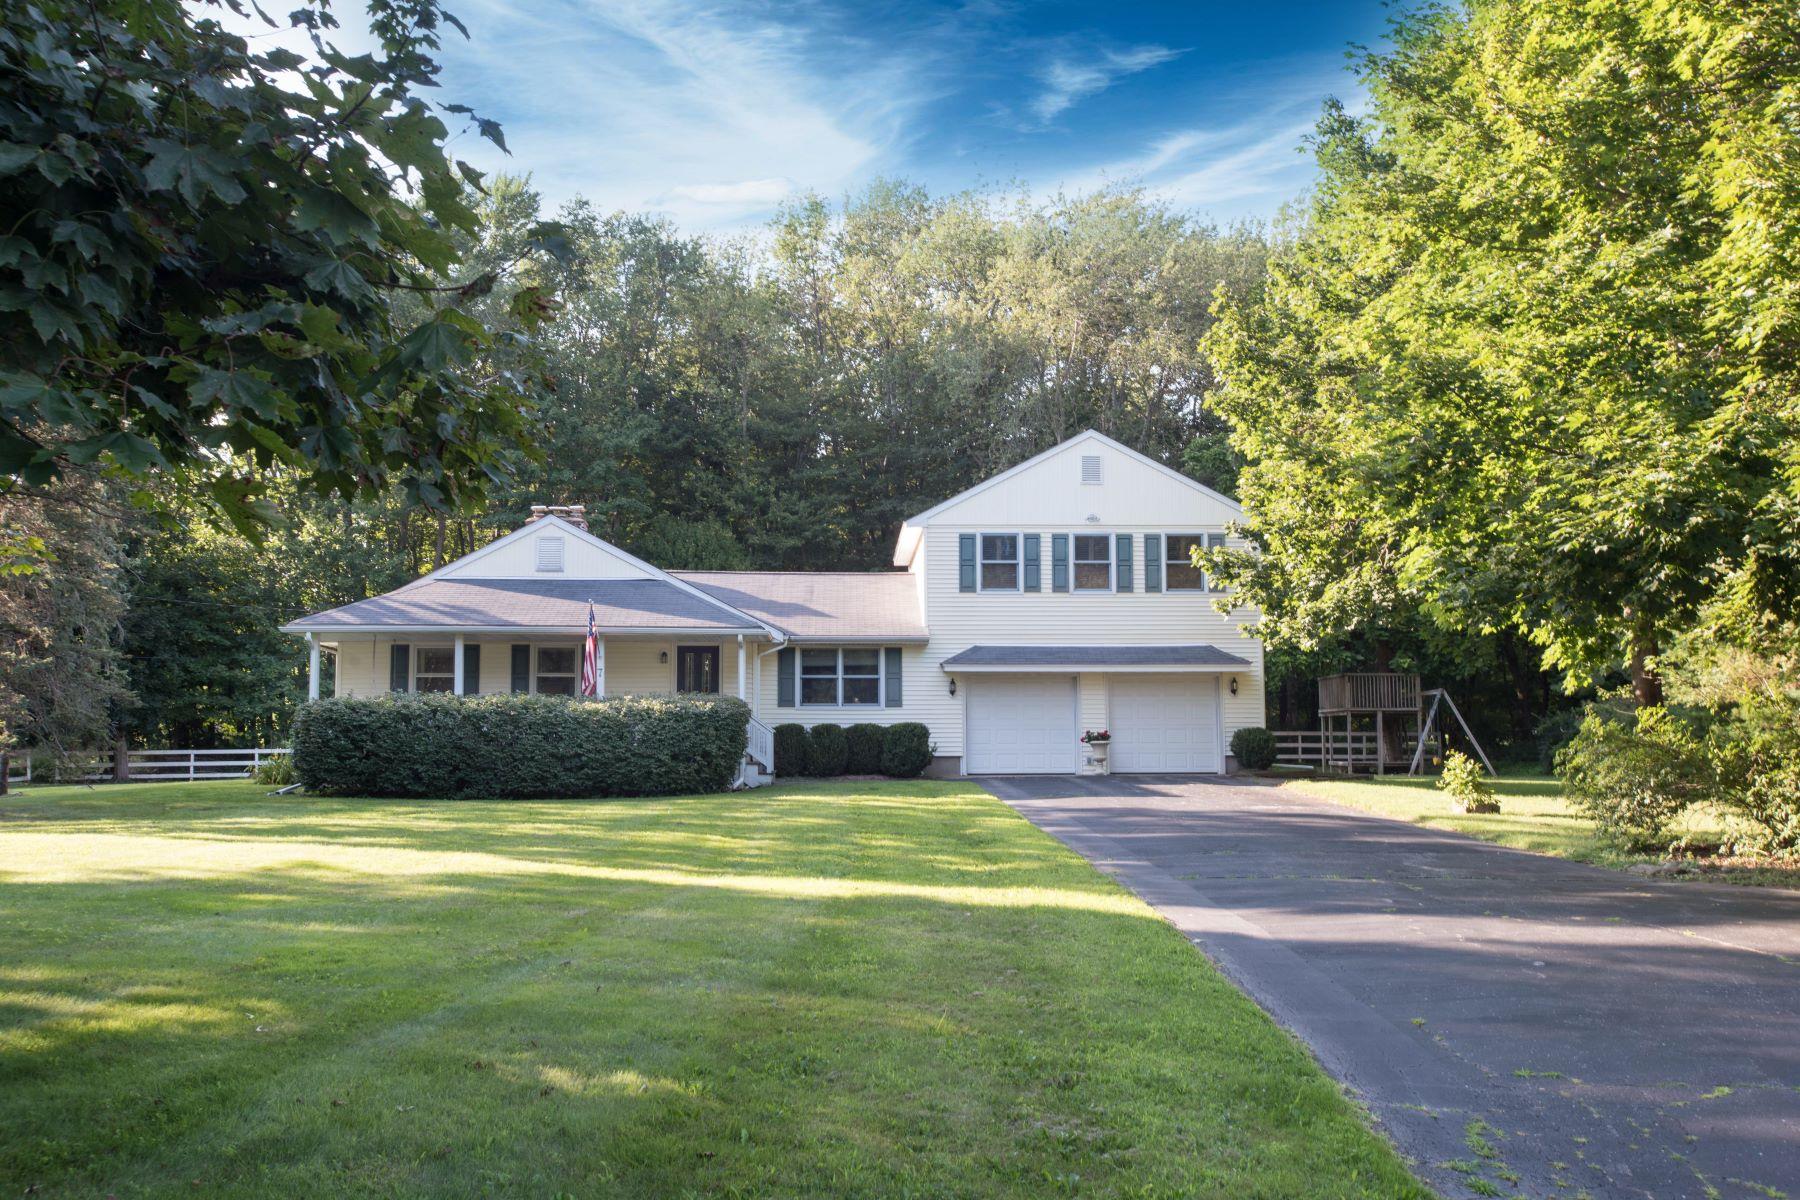 Einfamilienhaus für Verkauf beim 7 Amante Drive 7 Amante Drive Easton, Connecticut 06612 Vereinigte Staaten